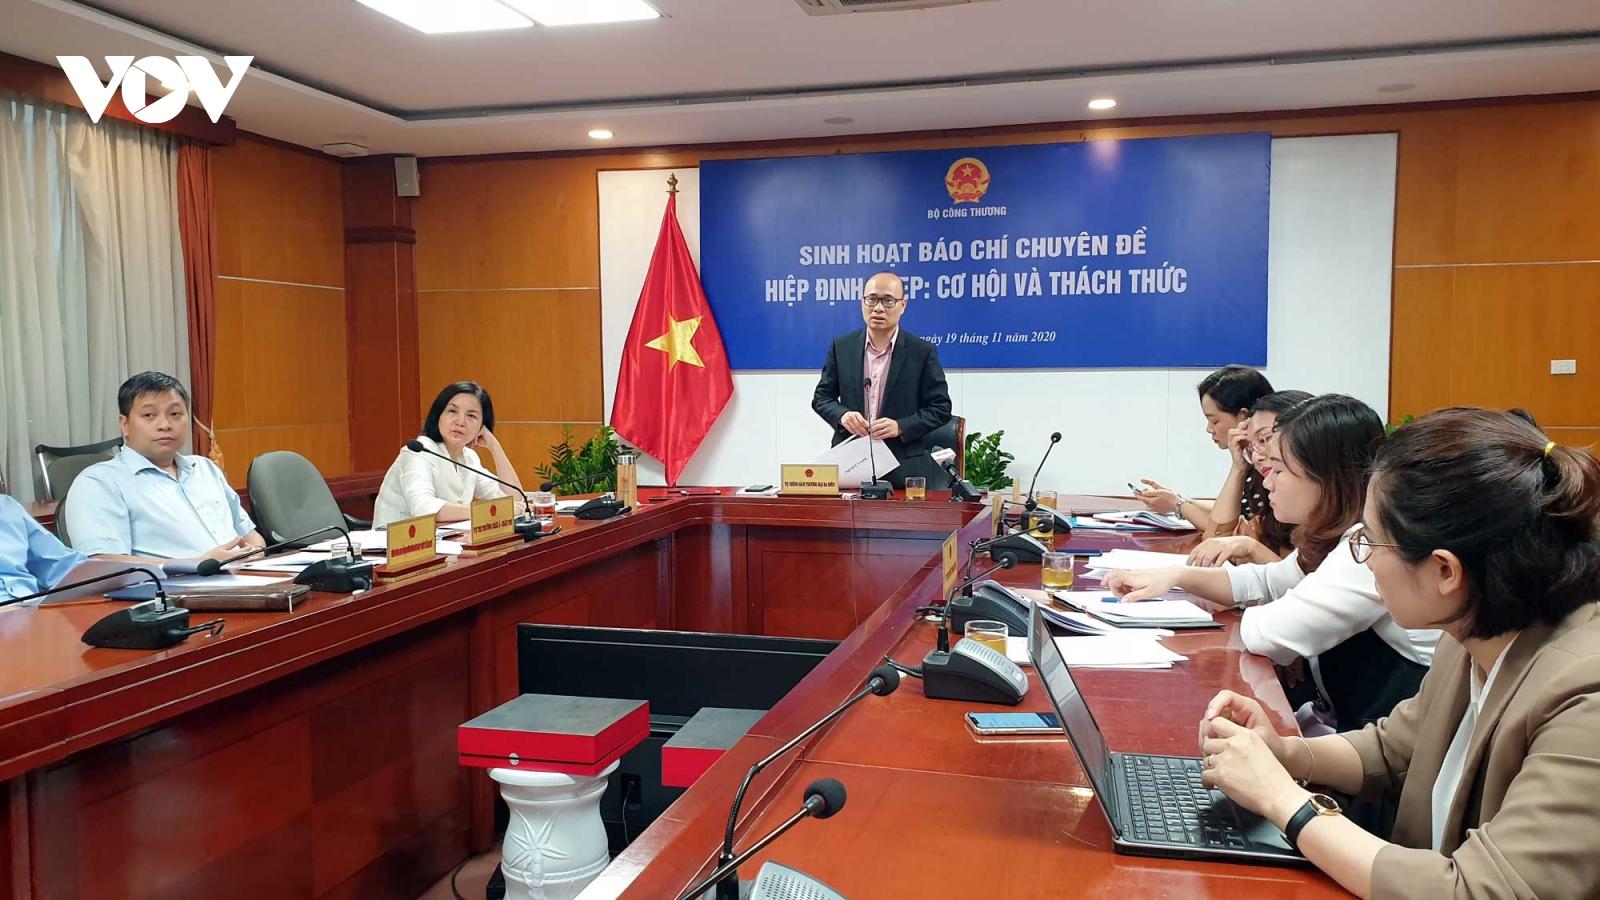 Sẽ có Chương trình hành động của Chính phủ để triển khai RCEP